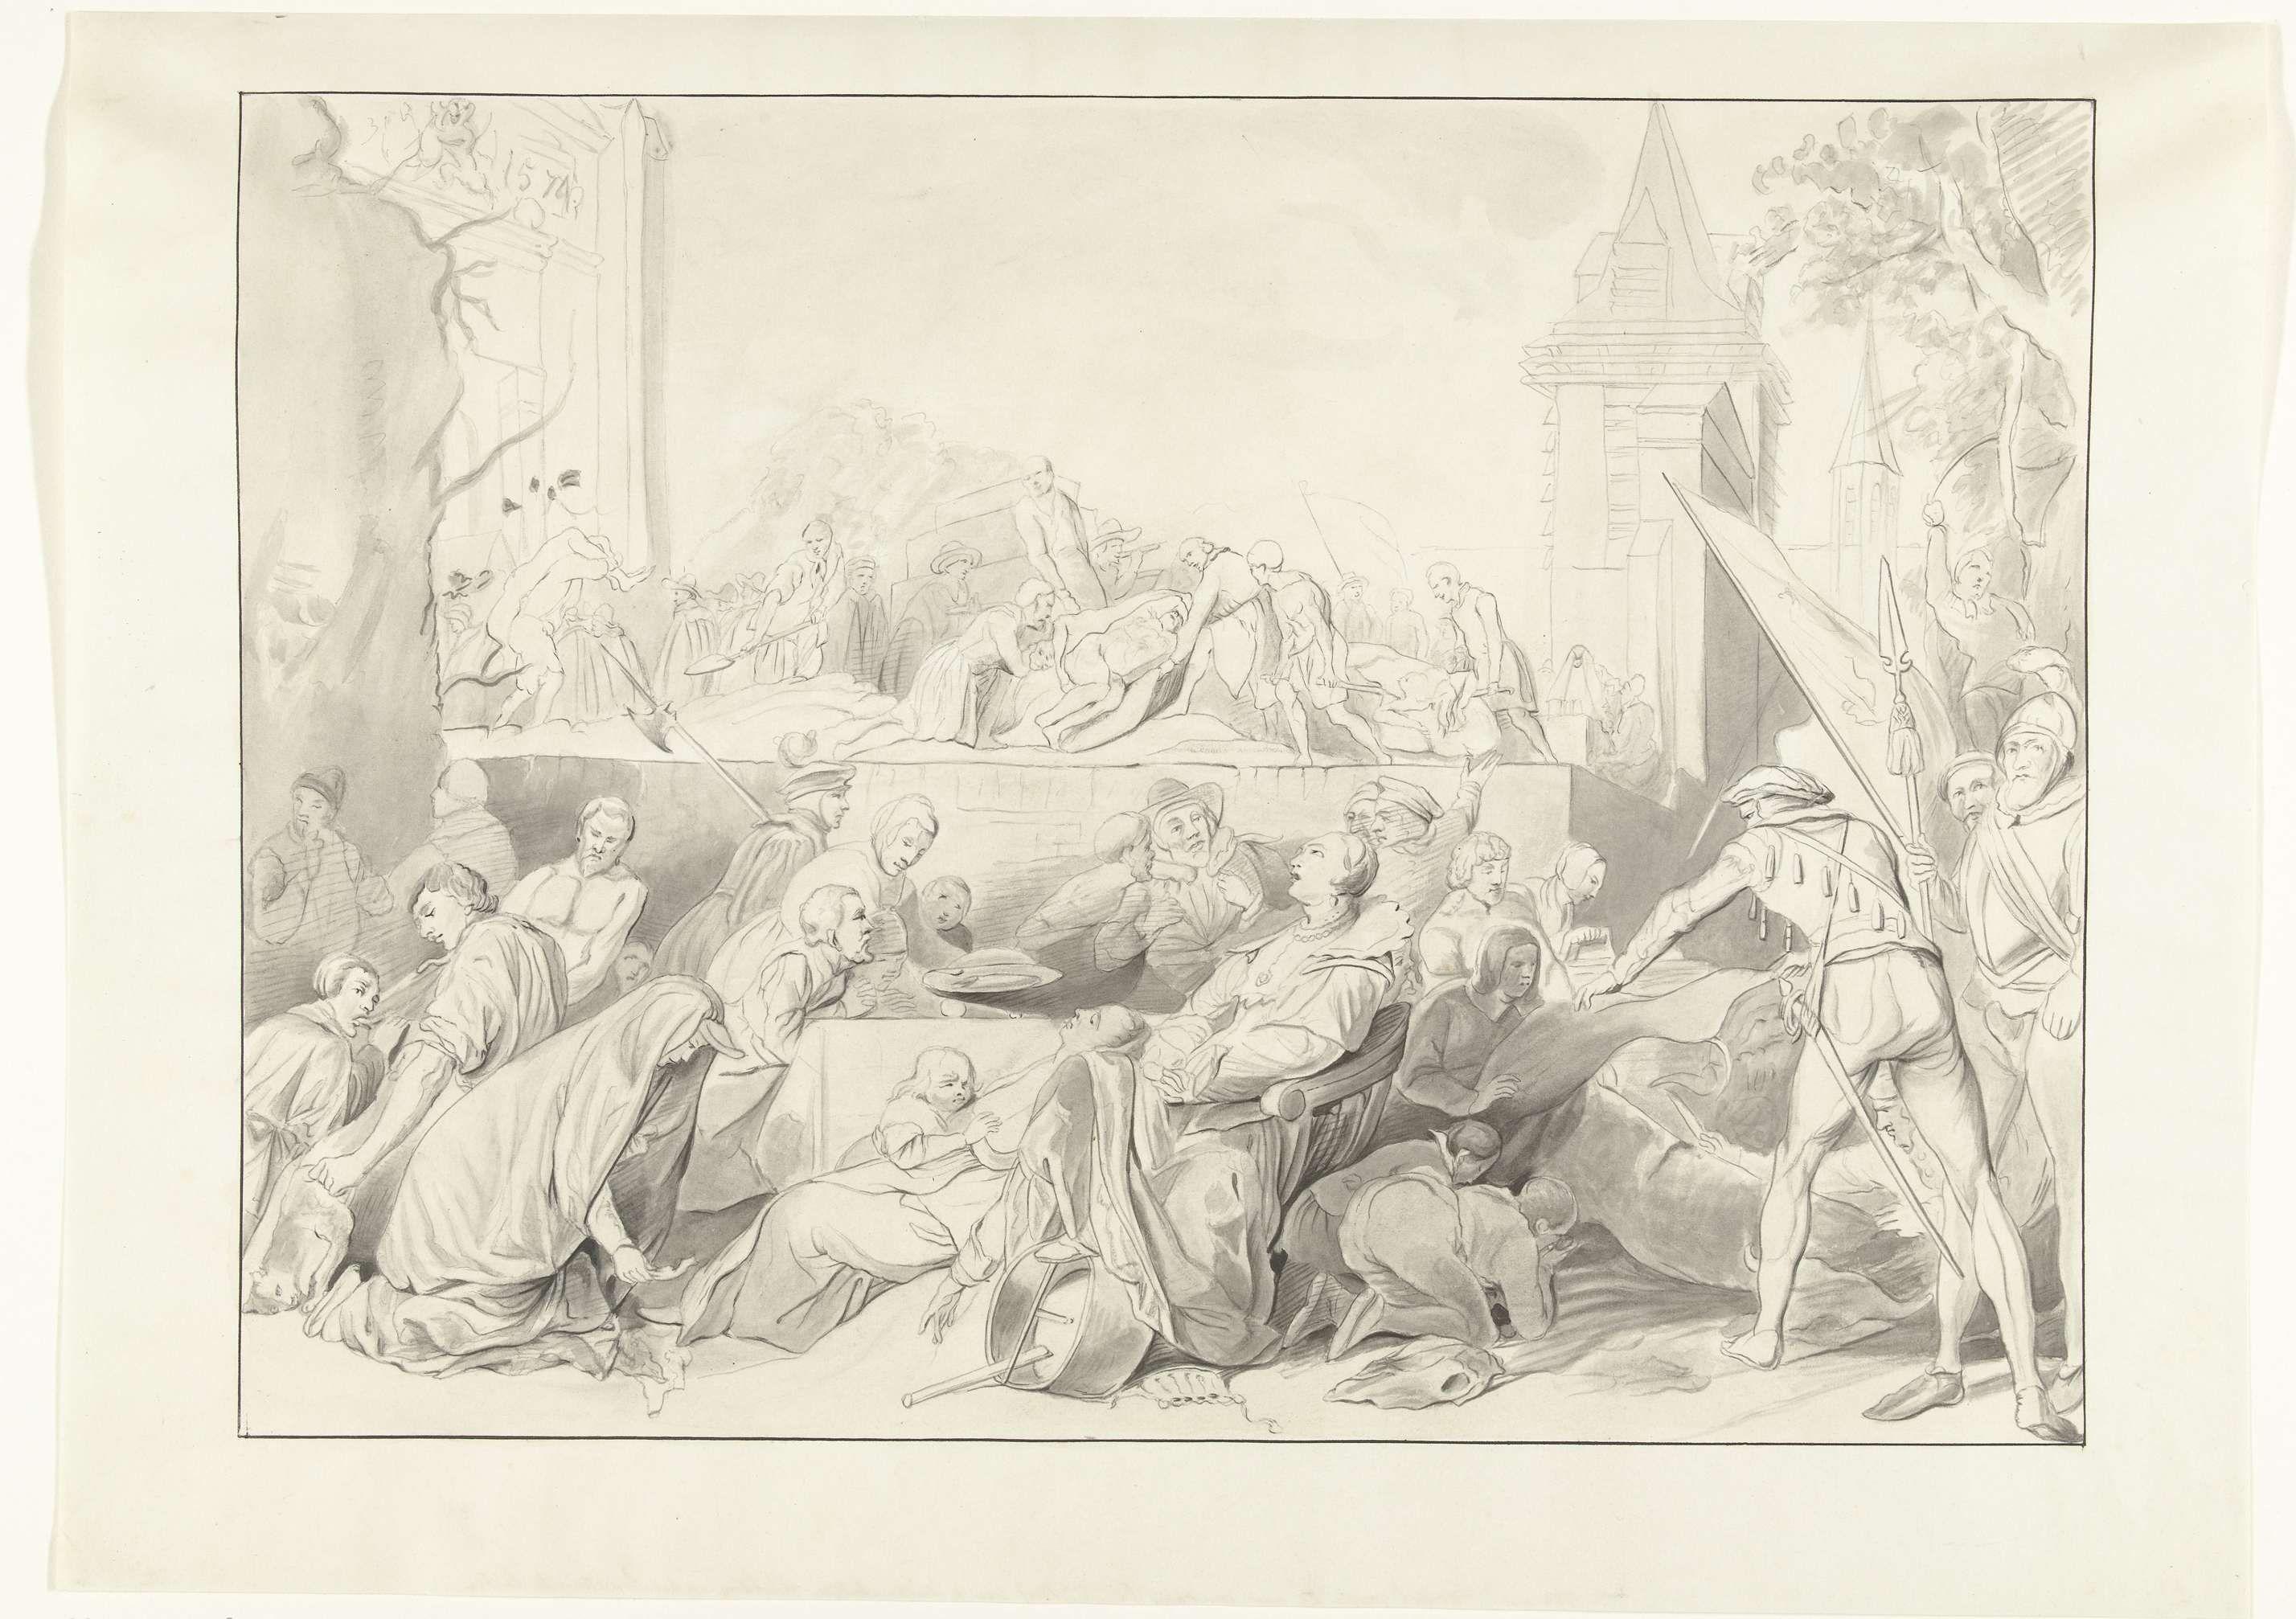 J.C. Wendel | Hongersnood tijdens het beleg van Leiden, 1574, J.C. Wendel, Joris van Schooten, 1854 | Hongersnood tijdens het beleg van Leiden, 1574. Op de voorgrond sterven vrouwen in hun stoel, omringd door man en kinderen. Bovenaan het begraven van slachtoffers bij een kerk.